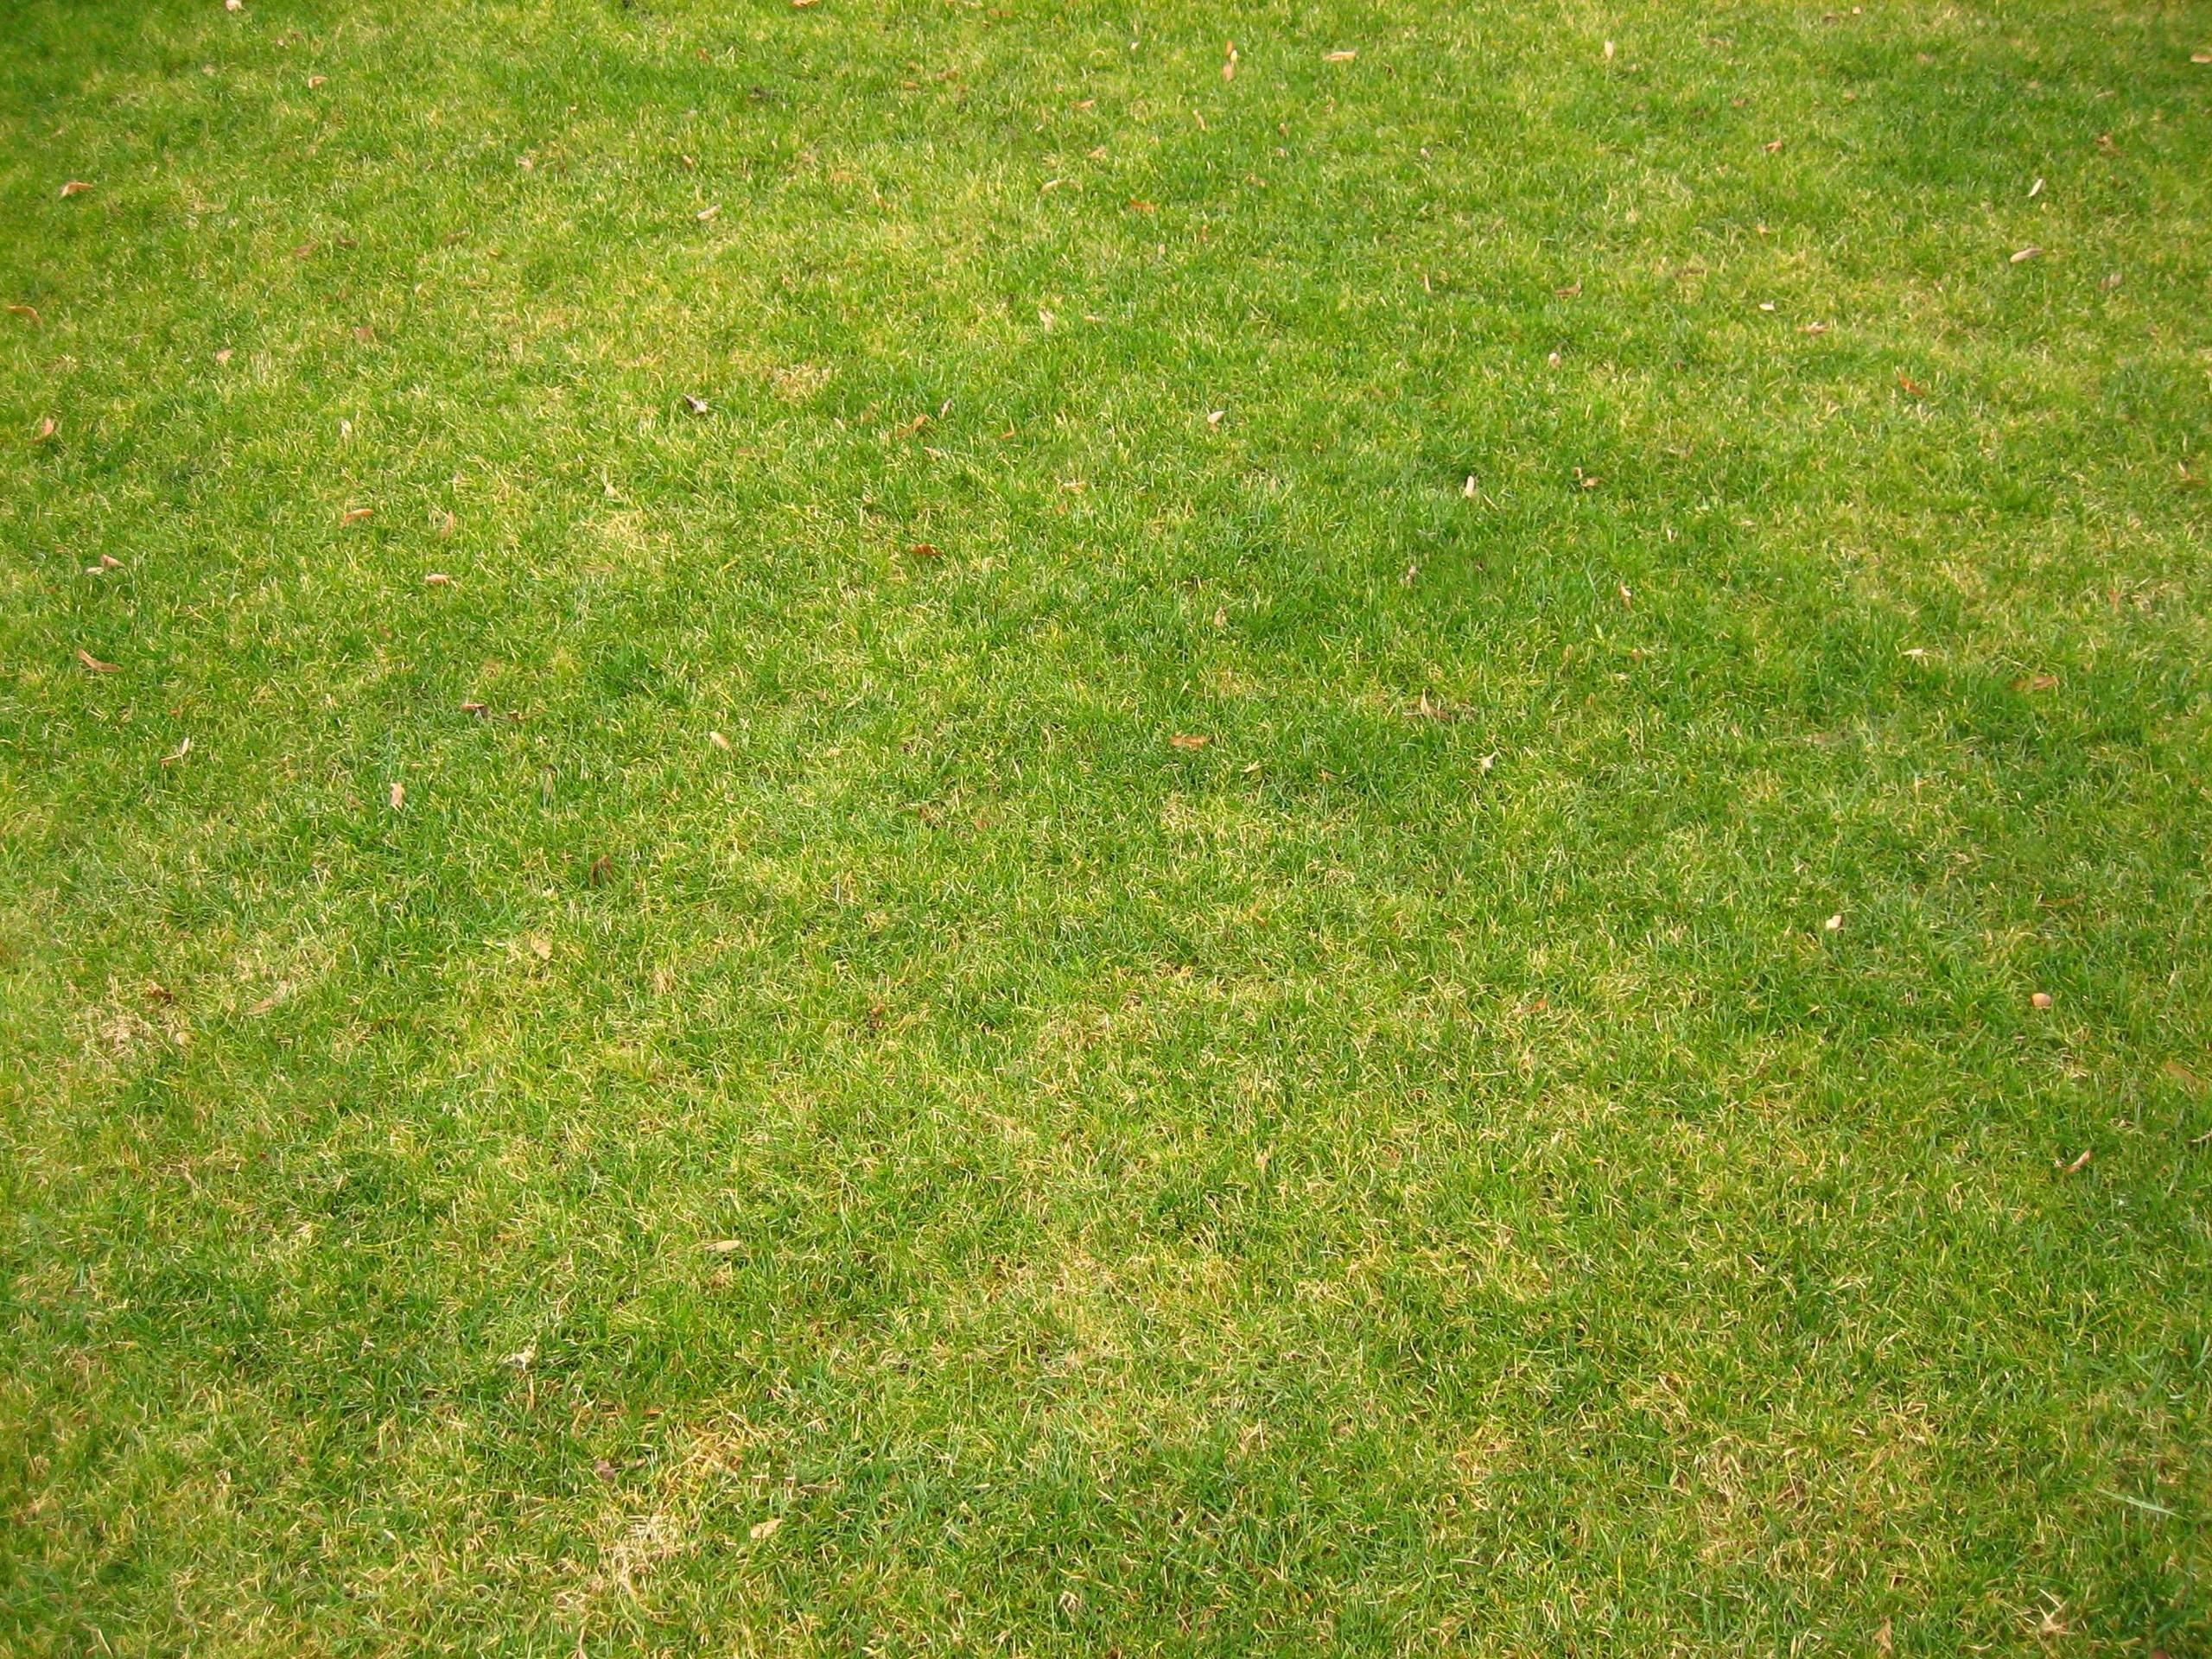 Grass for Grass landscape